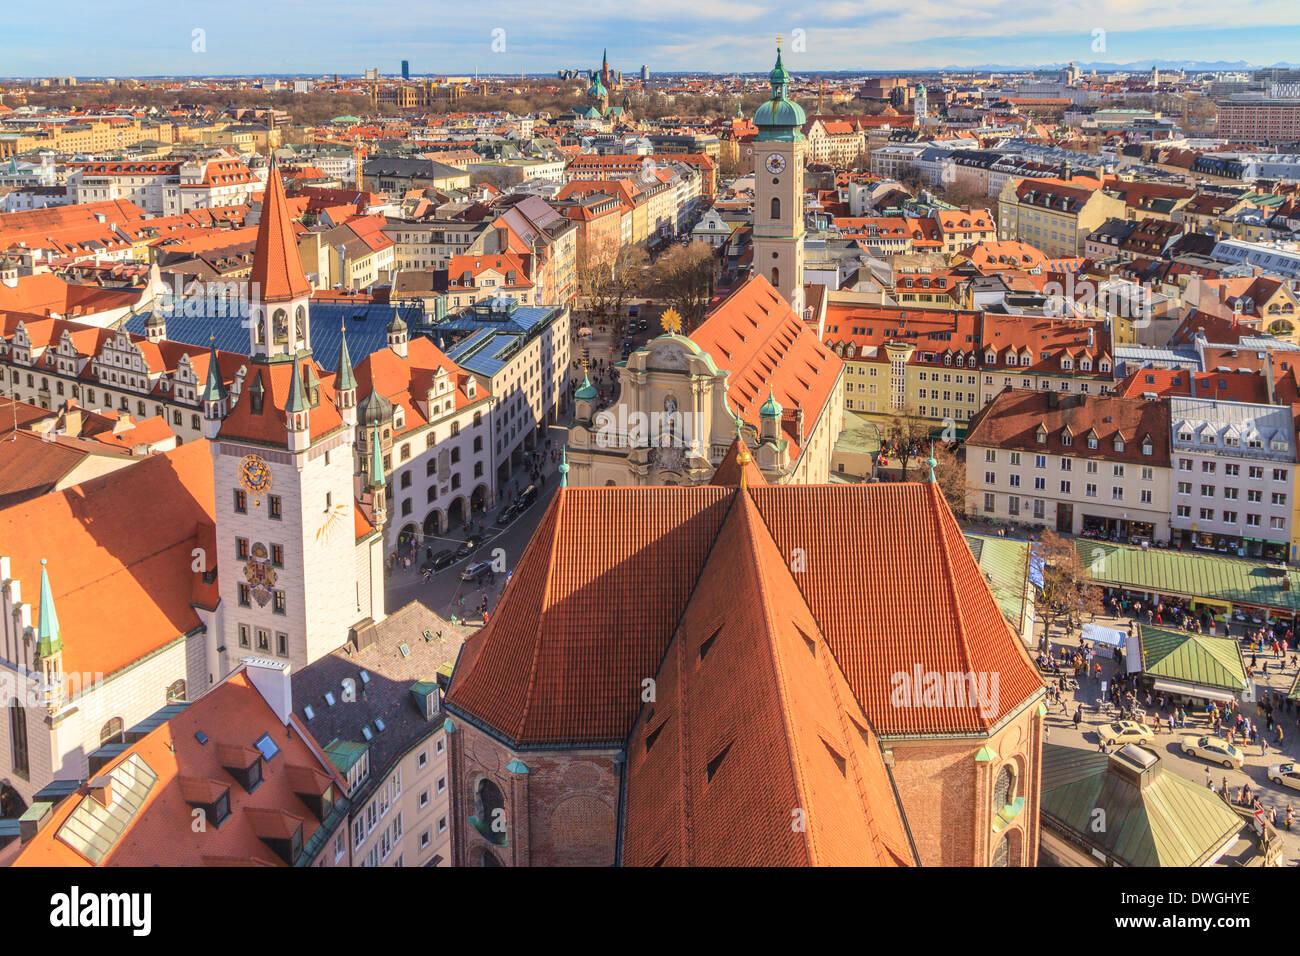 Panorama de Munich avec l'ancien hôtel de ville, Église Saint Esprit et Viktualienmarkt, Bavière, Allemagne Photo Stock